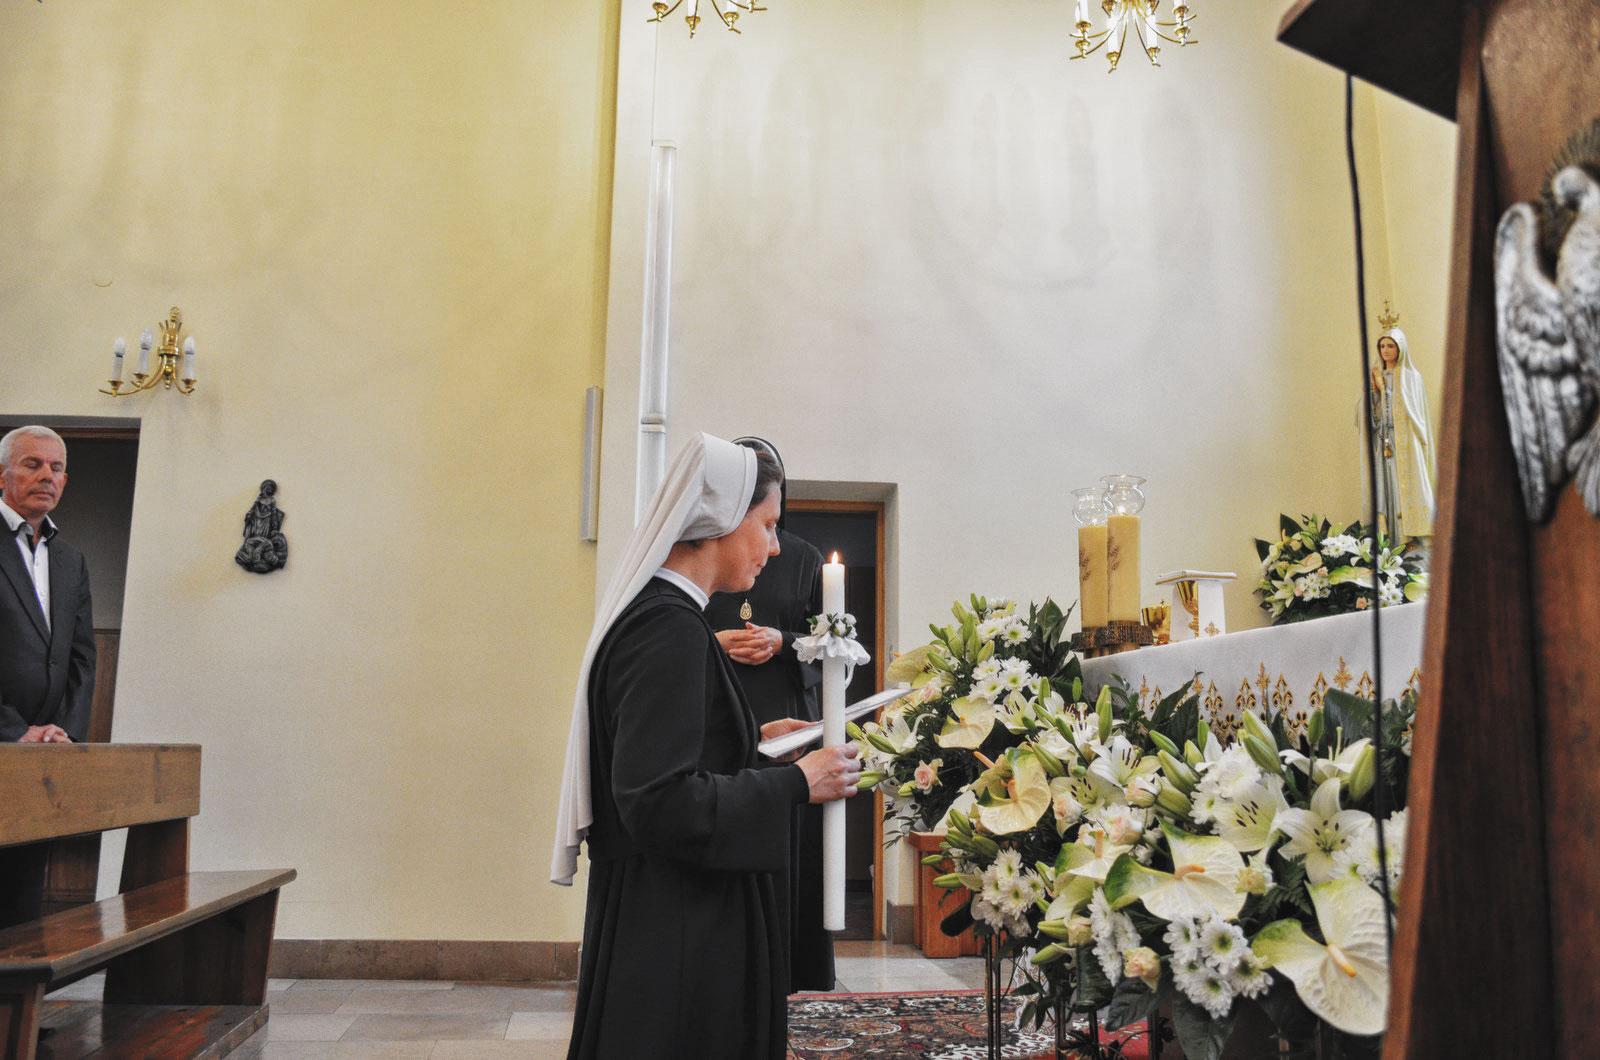 Sióstr_św_Elżbiety-Pierwsze_Śluby_fotorelacja-I-SLUBY-DSC_0560-min.jpg